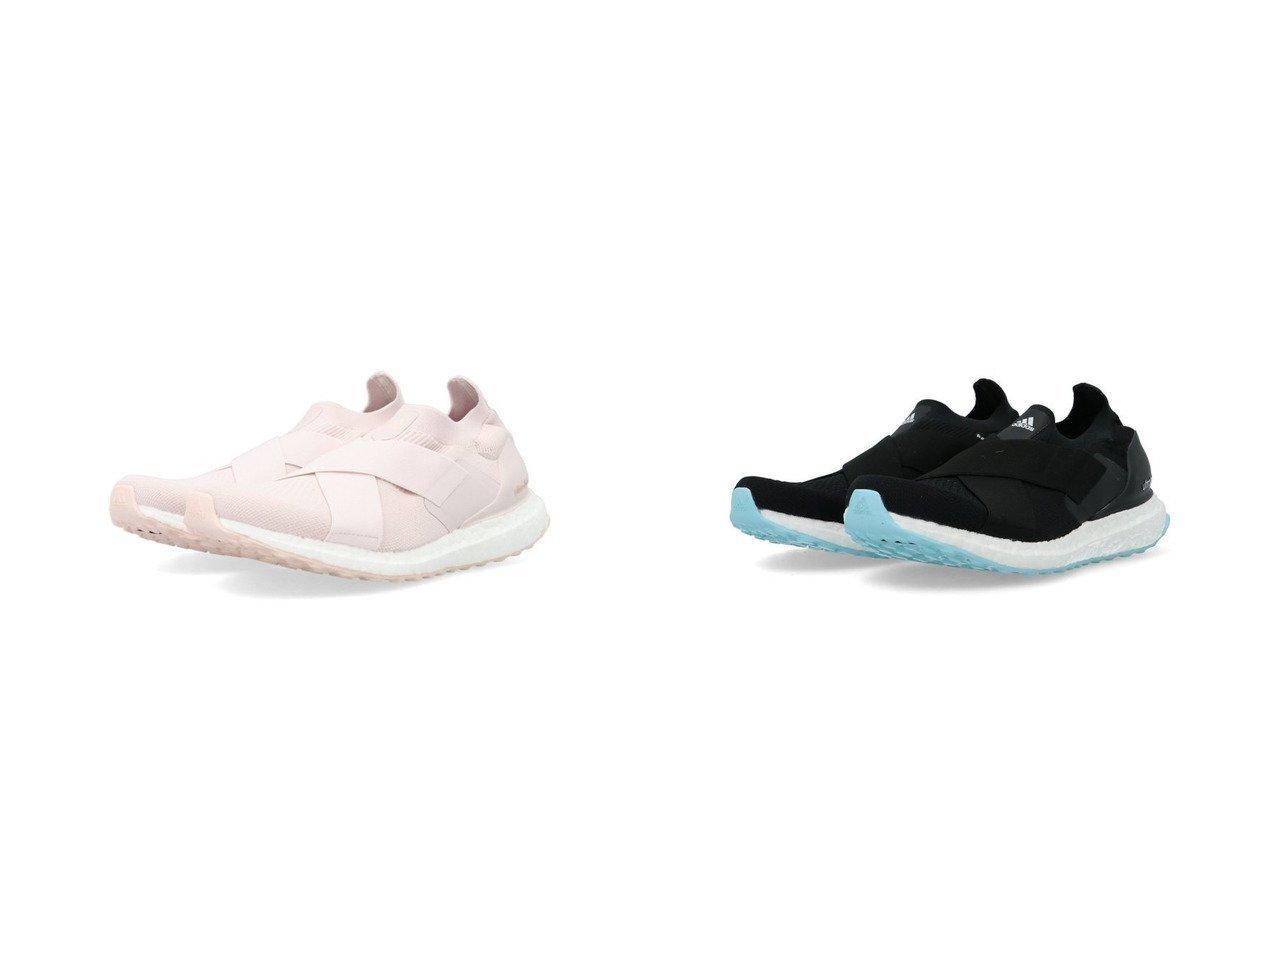 【adidas Sports Performance/アディダス スポーツ パフォーマンス】のウルトラブースト スリッポンDNA Ultraboost Slip-On DNA アディダス 【シューズ・靴】おすすめ!人気、トレンド・レディースファッションの通販 おすすめ人気トレンドファッション通販アイテム インテリア・キッズ・メンズ・レディースファッション・服の通販 founy(ファニー)  ファッション Fashion レディースファッション WOMEN シューズ スニーカー スポーツ スリッポン ドレス フィット ミックス ラバー ランニング ワーク ブラック系 Black ホワイト系 White |ID:crp329100000037635